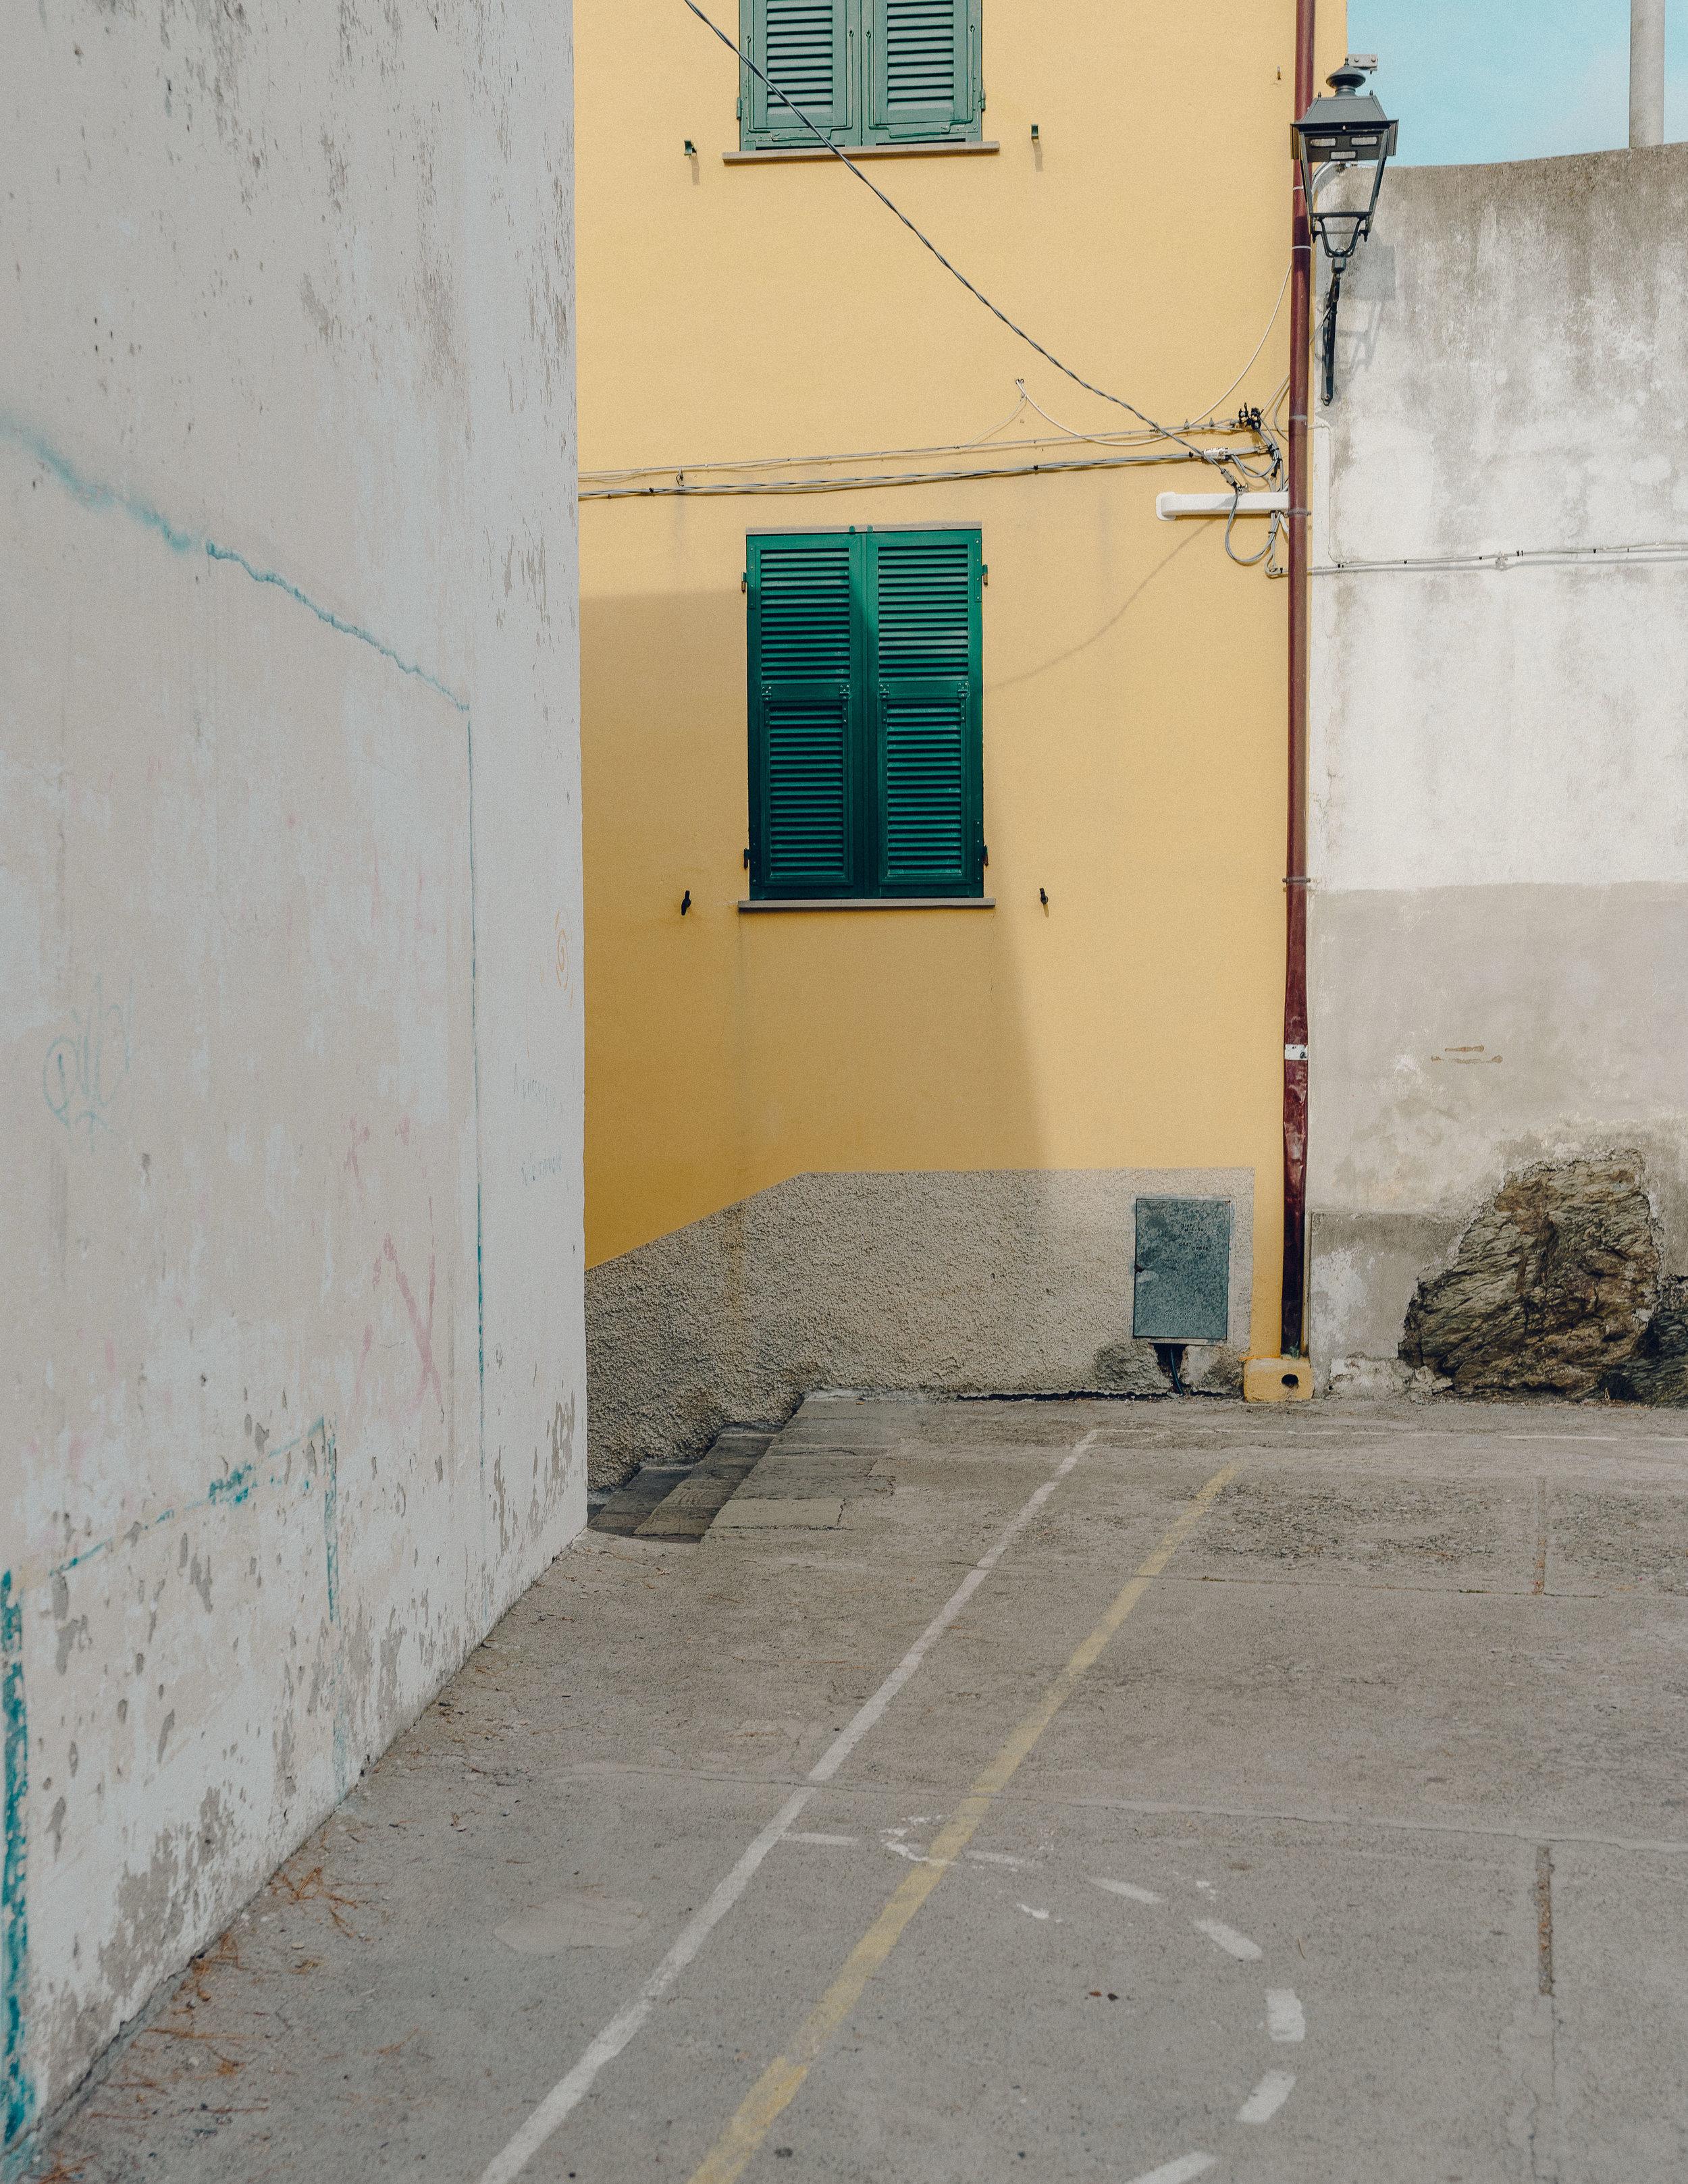 ASROSENVINGE_Roadtrip_Italy_Cinque_Terre-08135.jpg